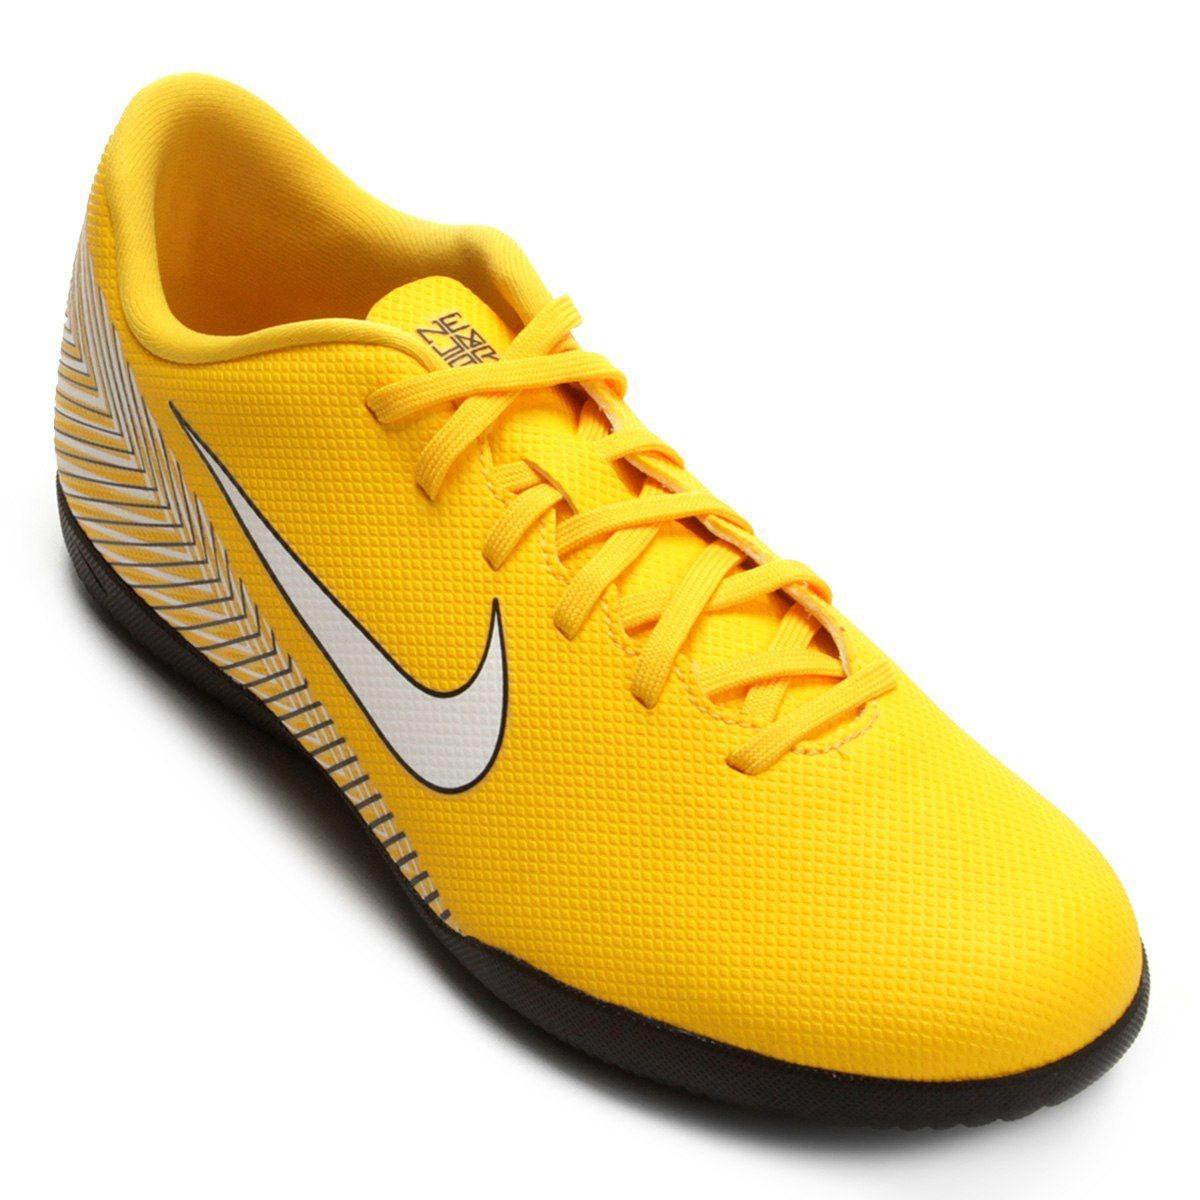 Chuteira Futsal Nike Mercurial Vpr 12 Club Infantil- Amarelo - R ... df7230df21fa4